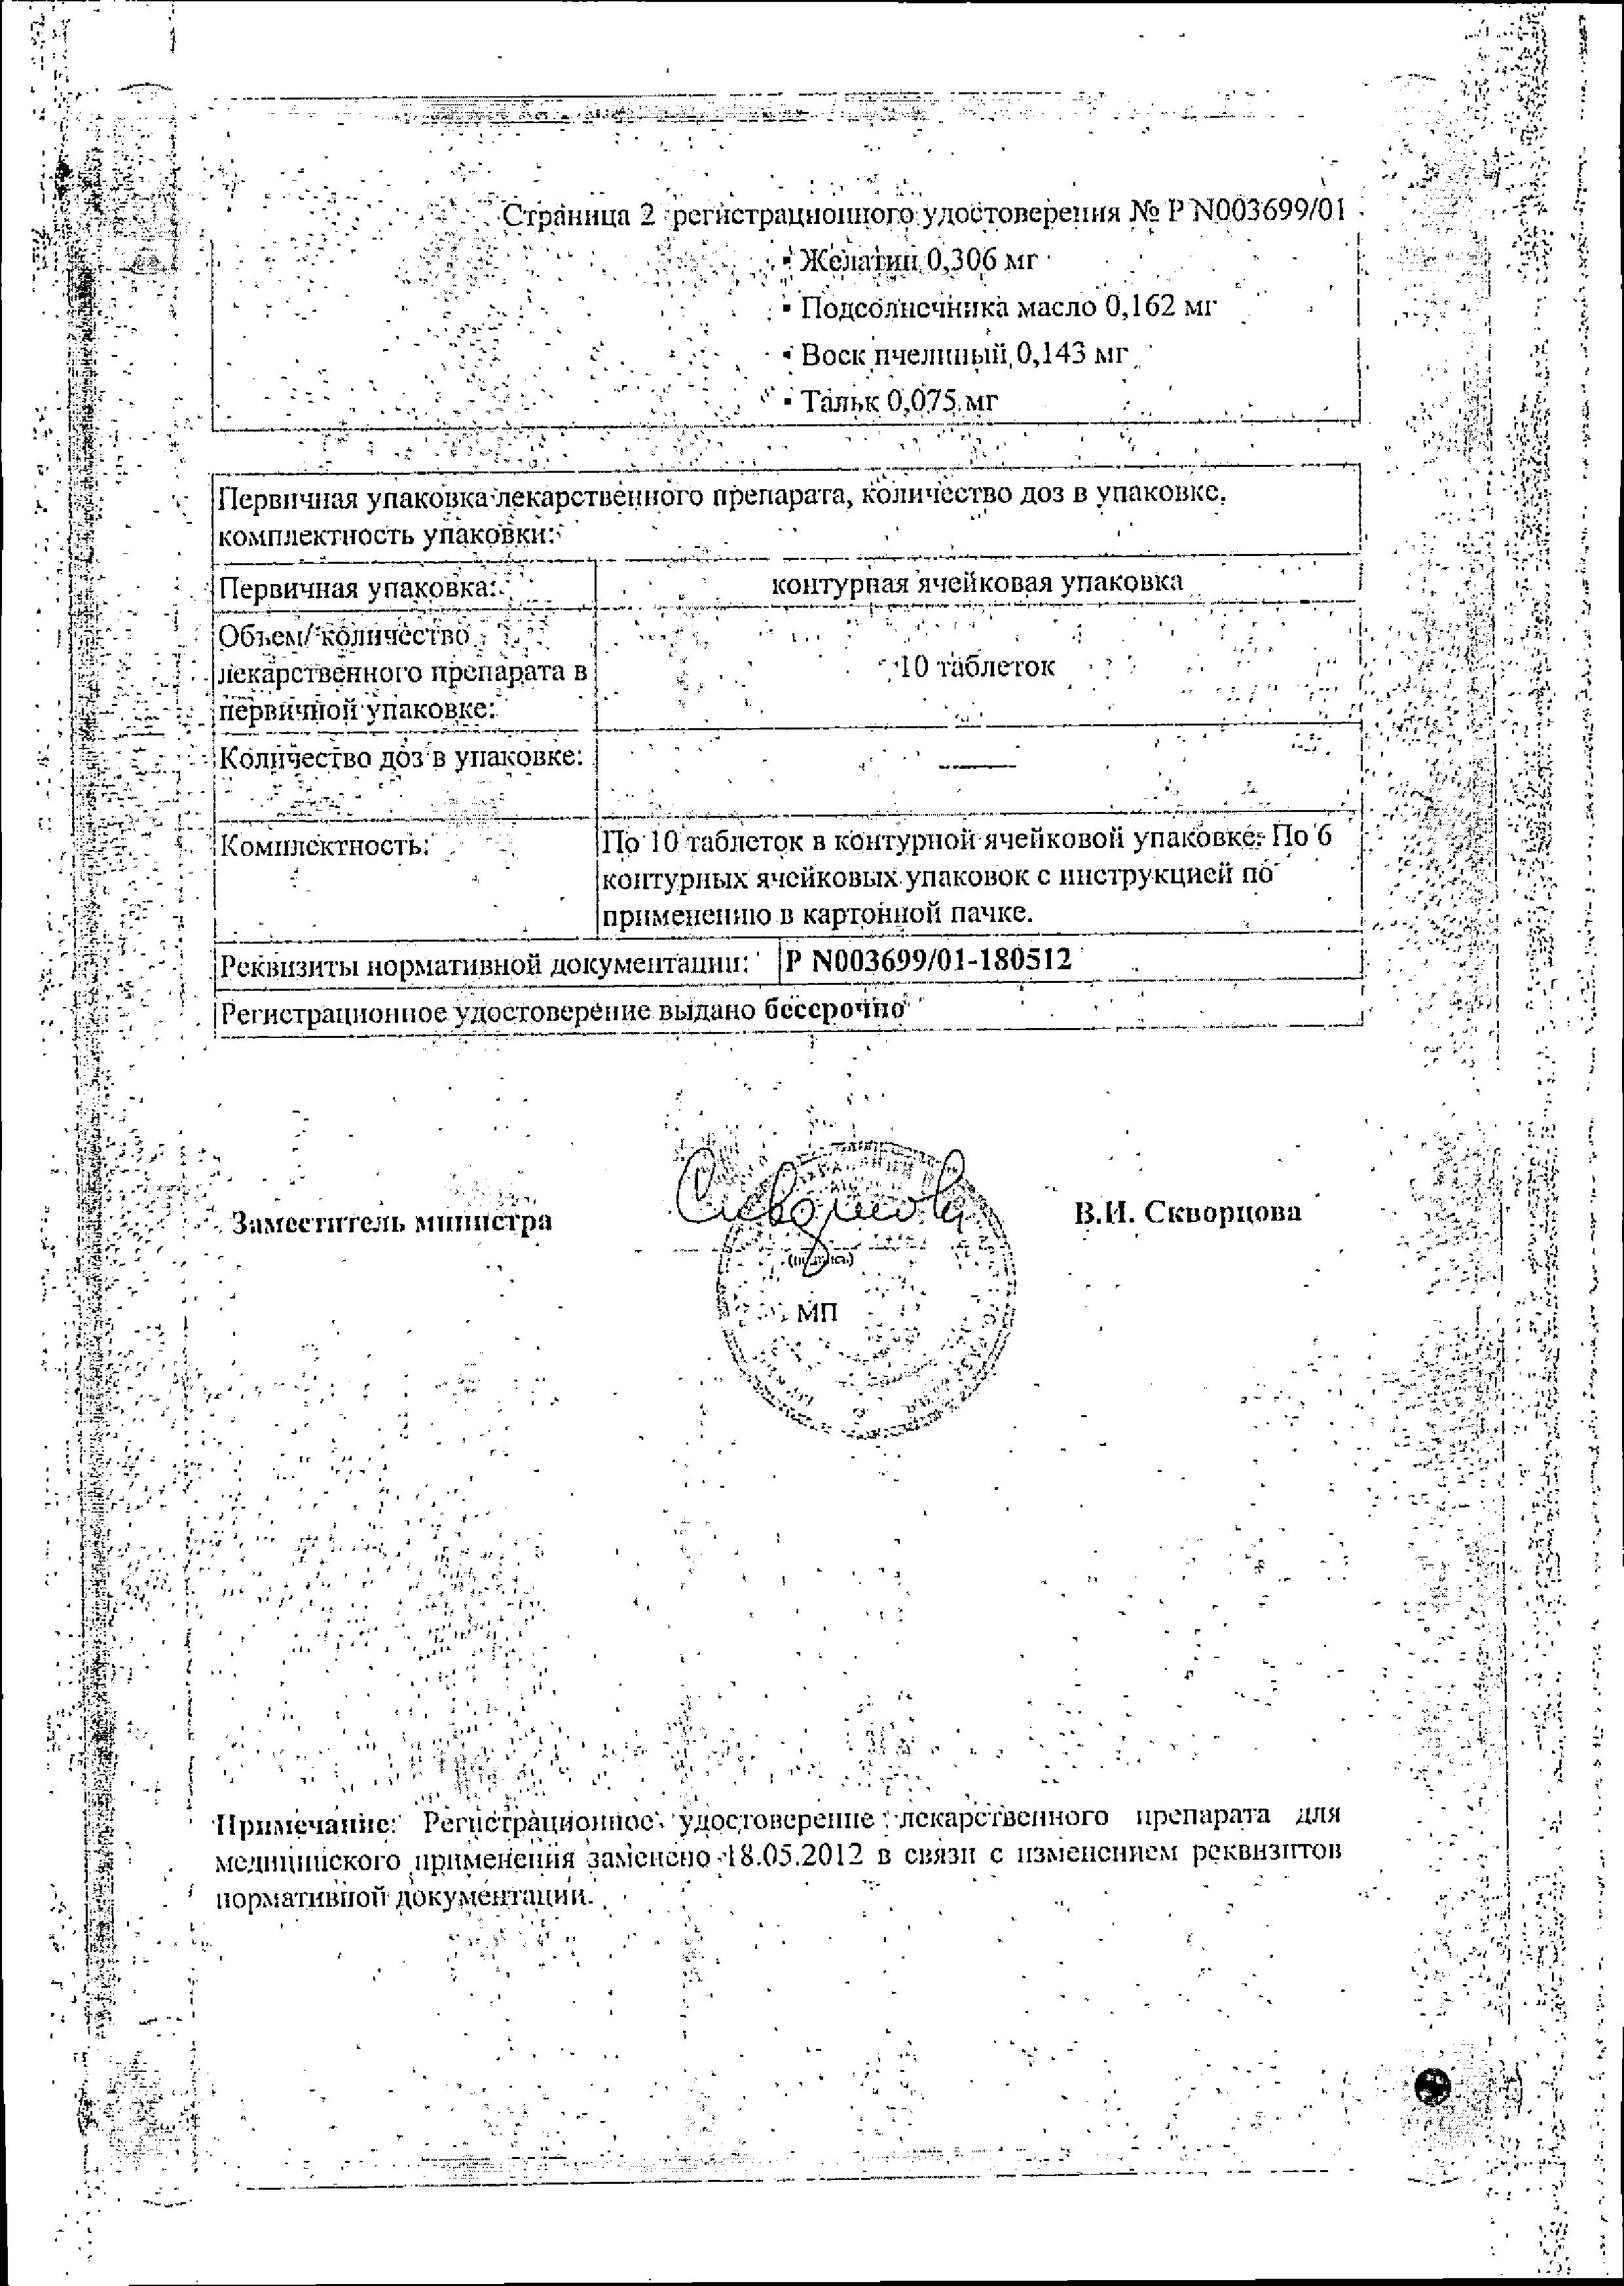 Инструкция по применению ангиовита, показания к использованию, аналоги и механизм действия